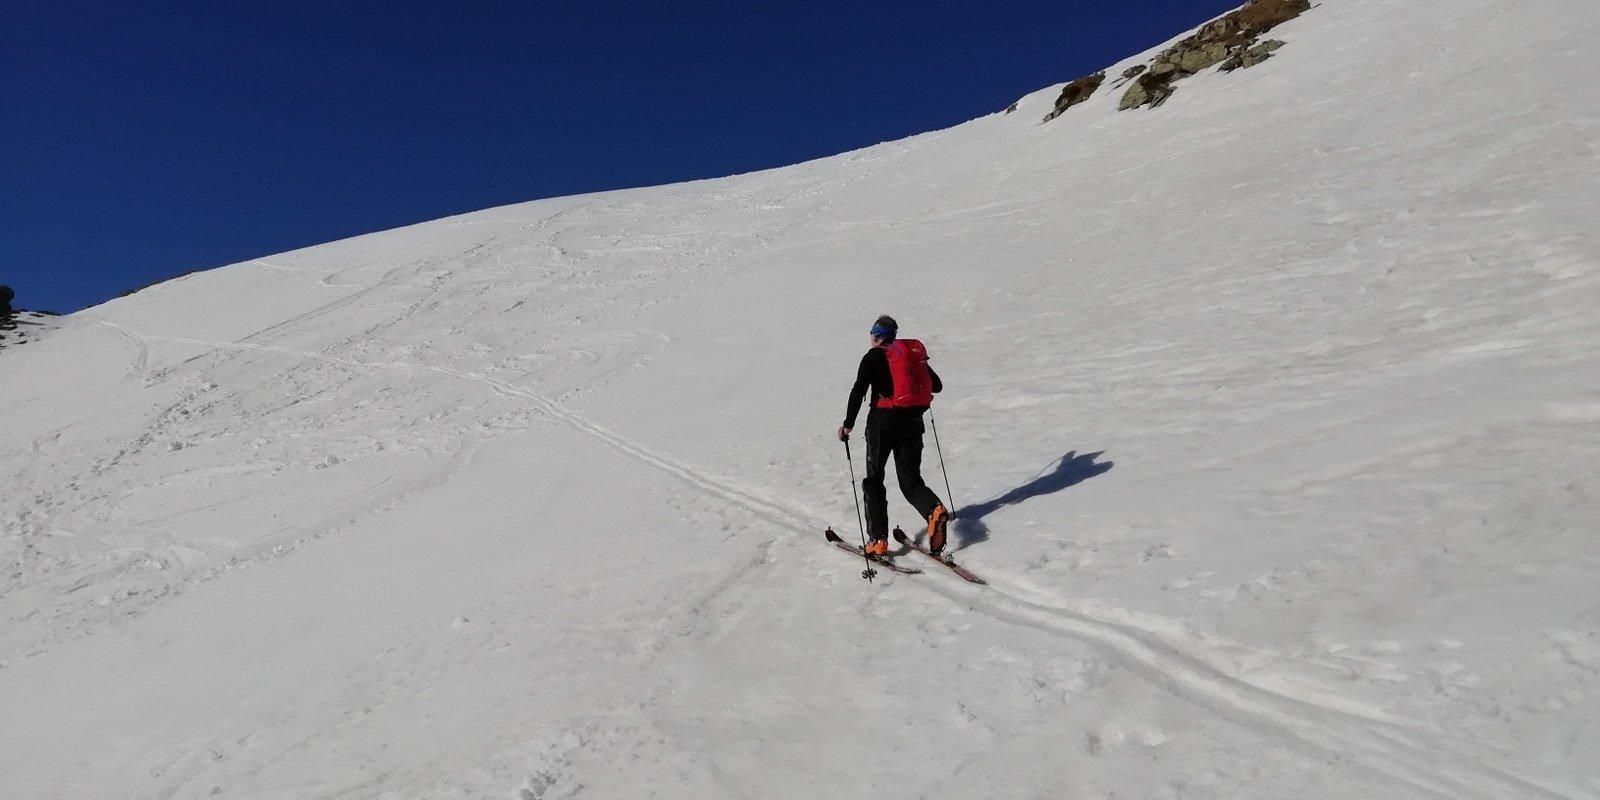 Salita agevole su buona neve